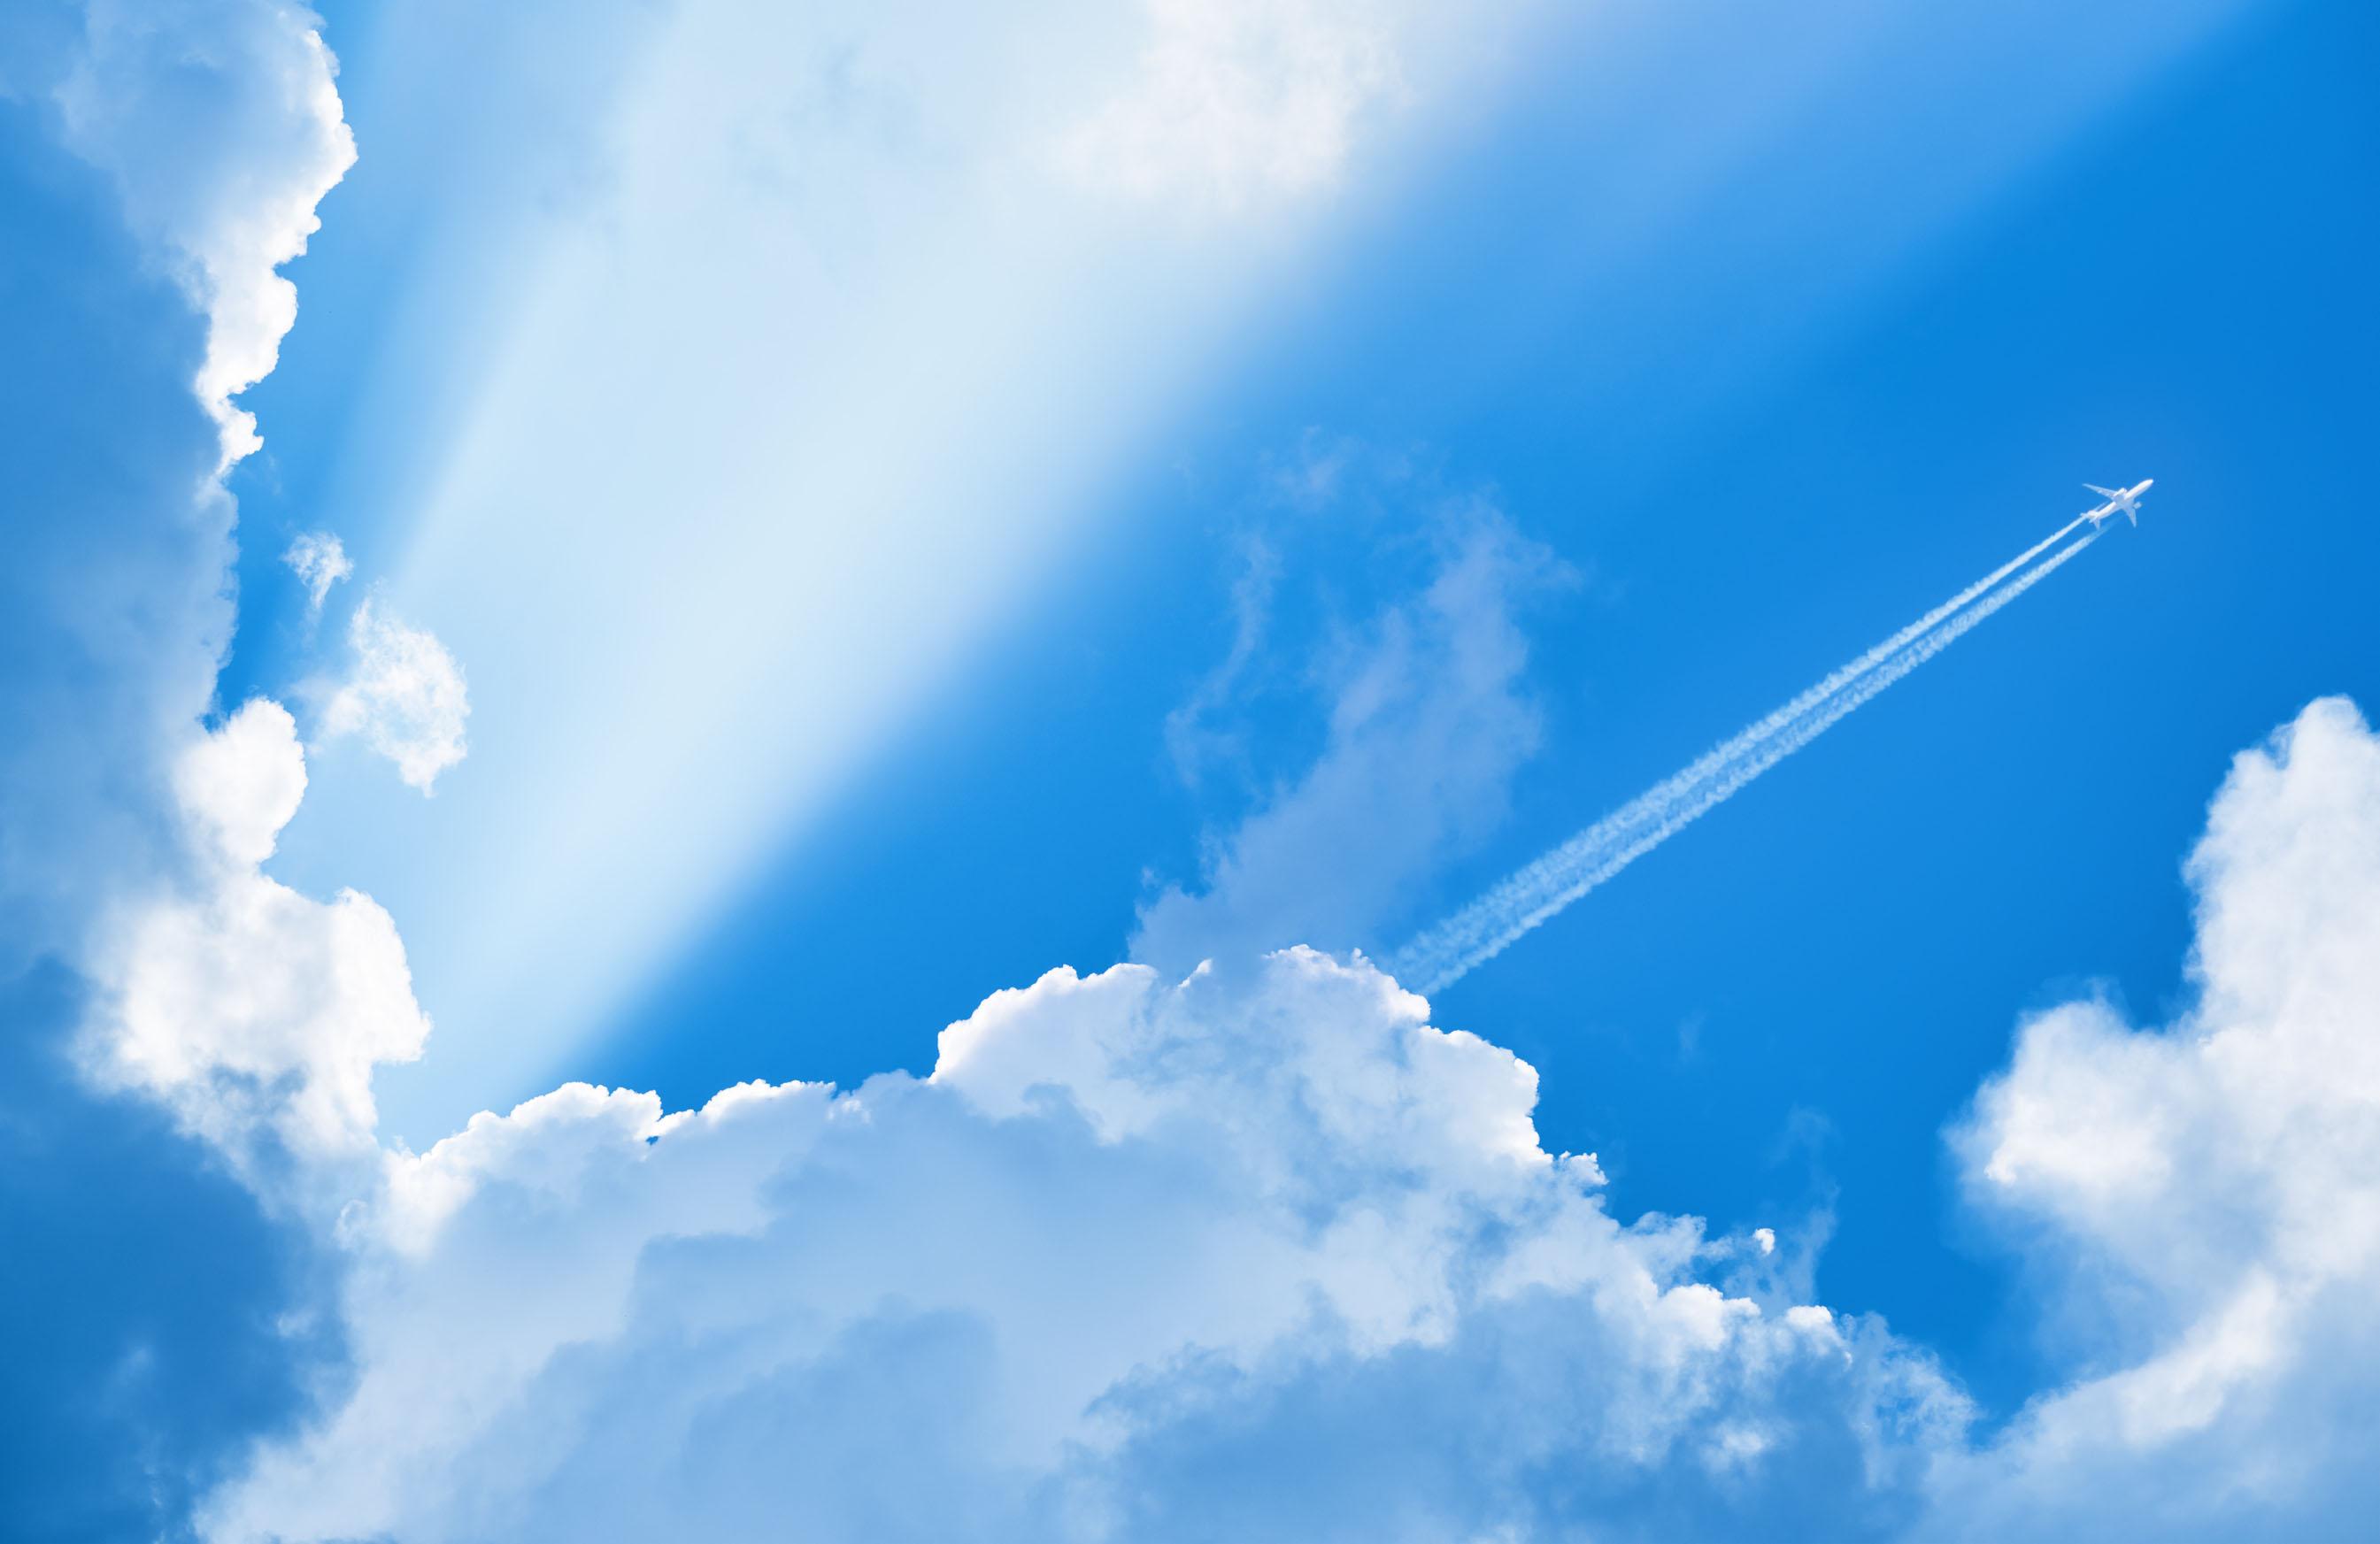 Avião voando no céu azul1-editado